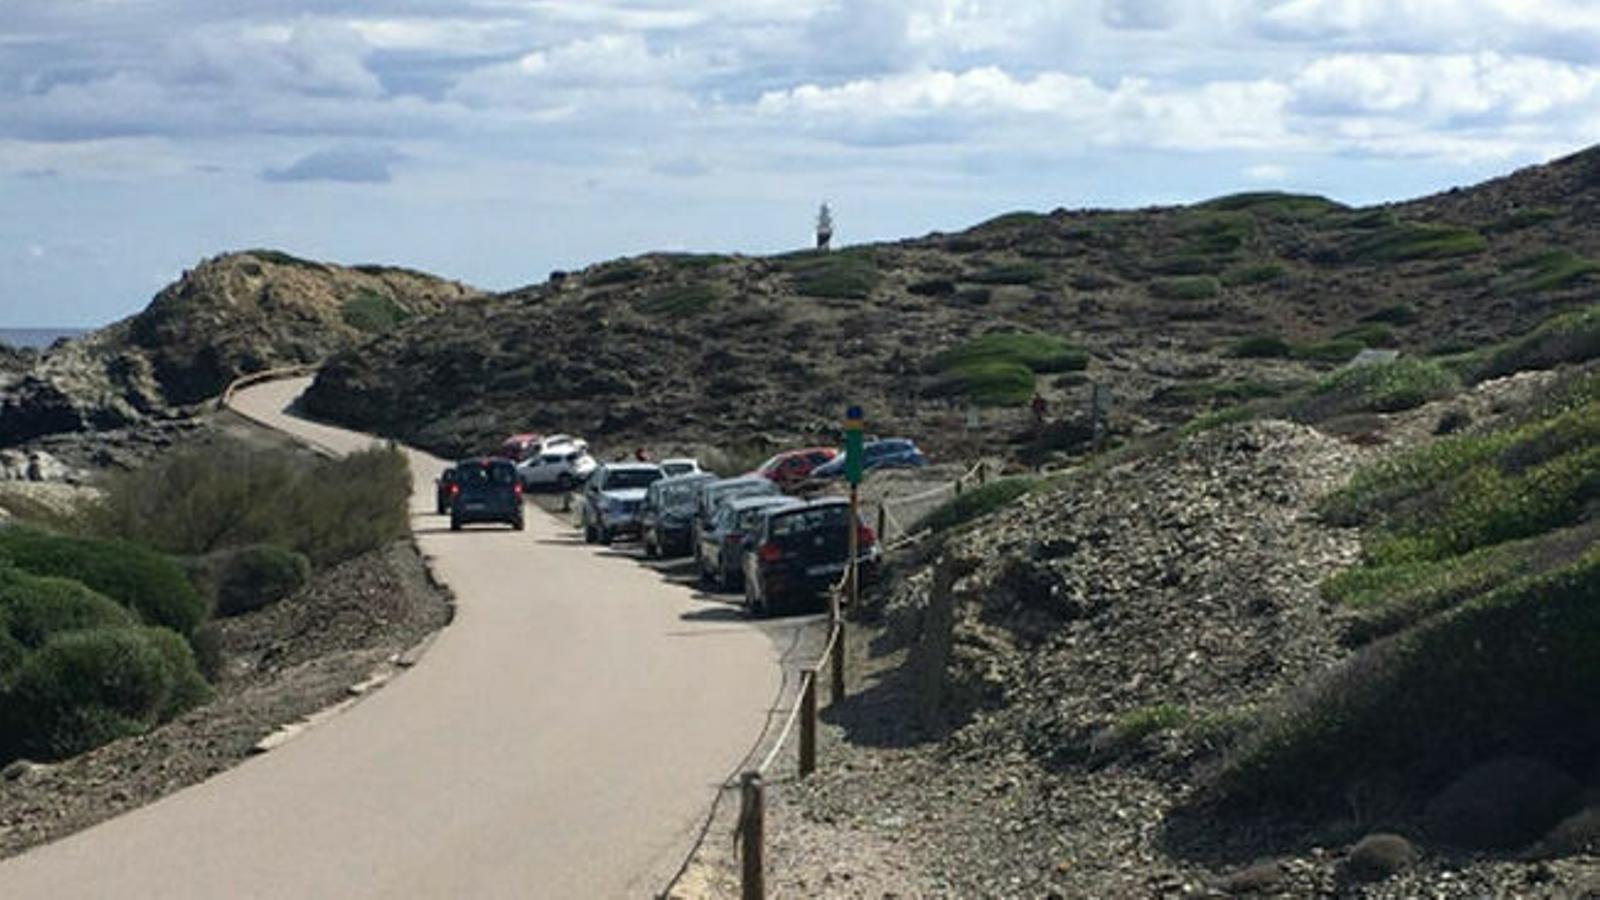 L'estacionament de vehicles a Favàritx va saturar una zona protegida i obligà a les administracions a prendre mesures.